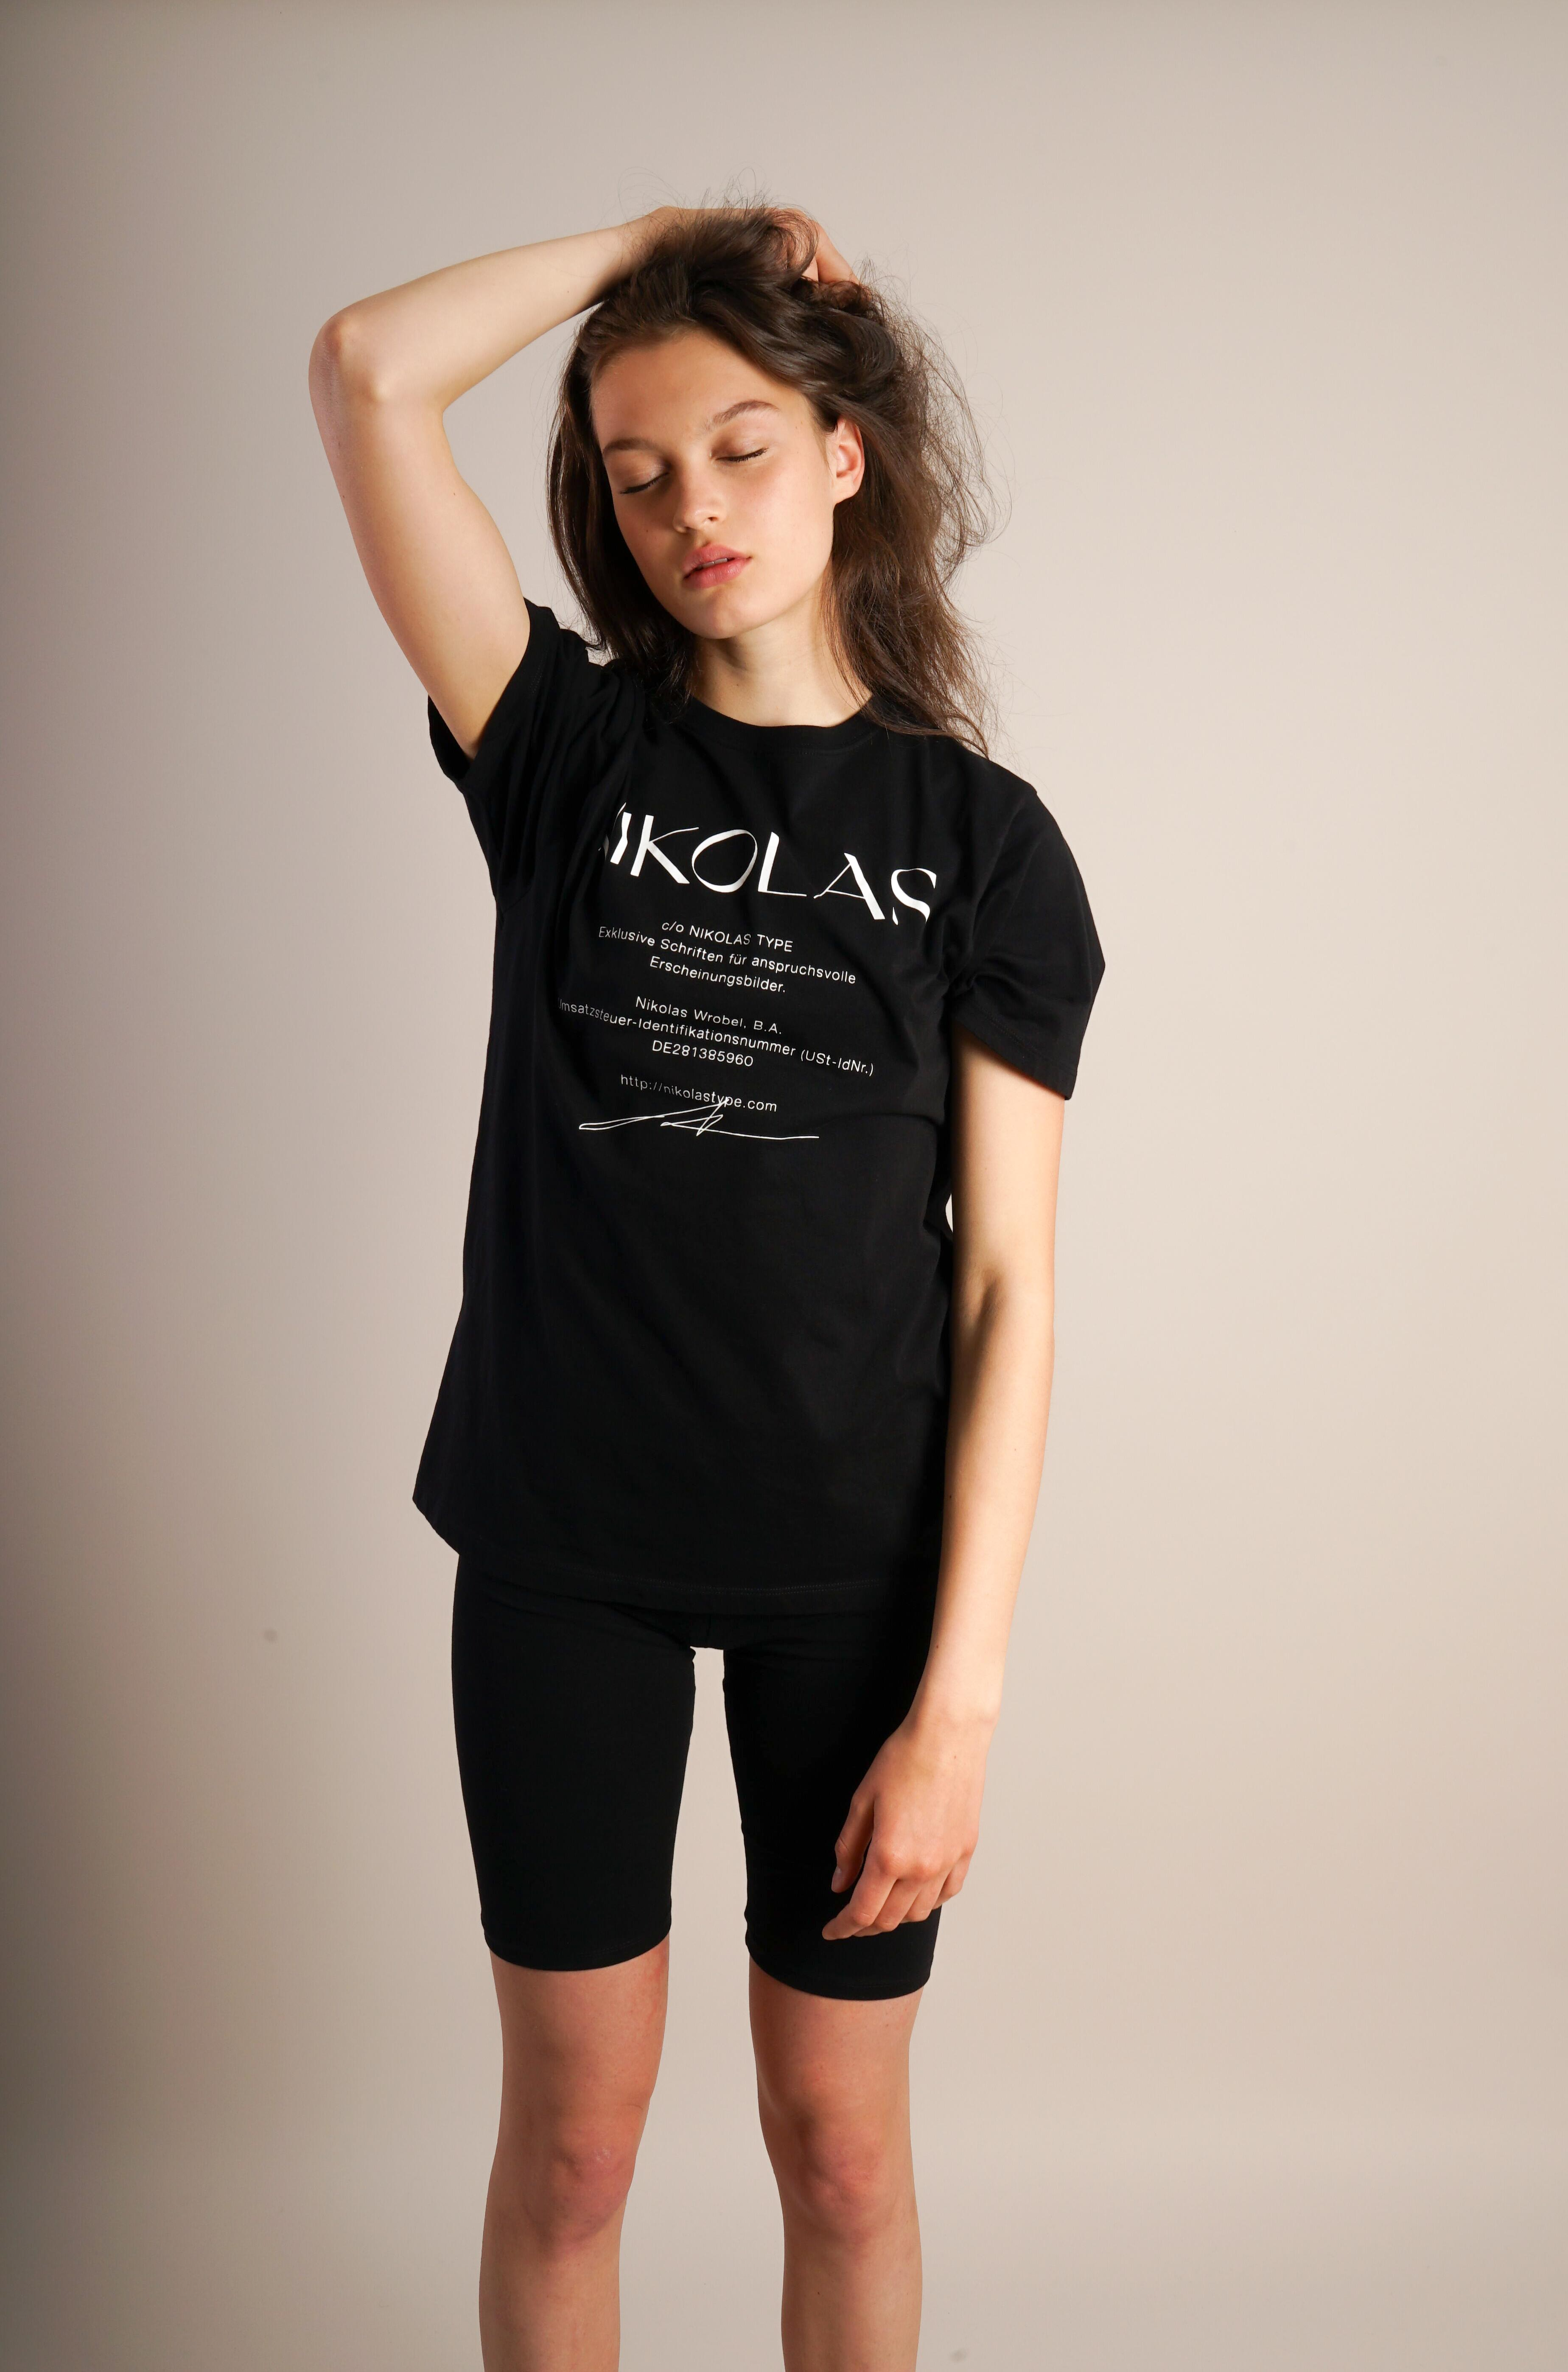 NikolasType_NikolasWrobel-T-Shirt-1